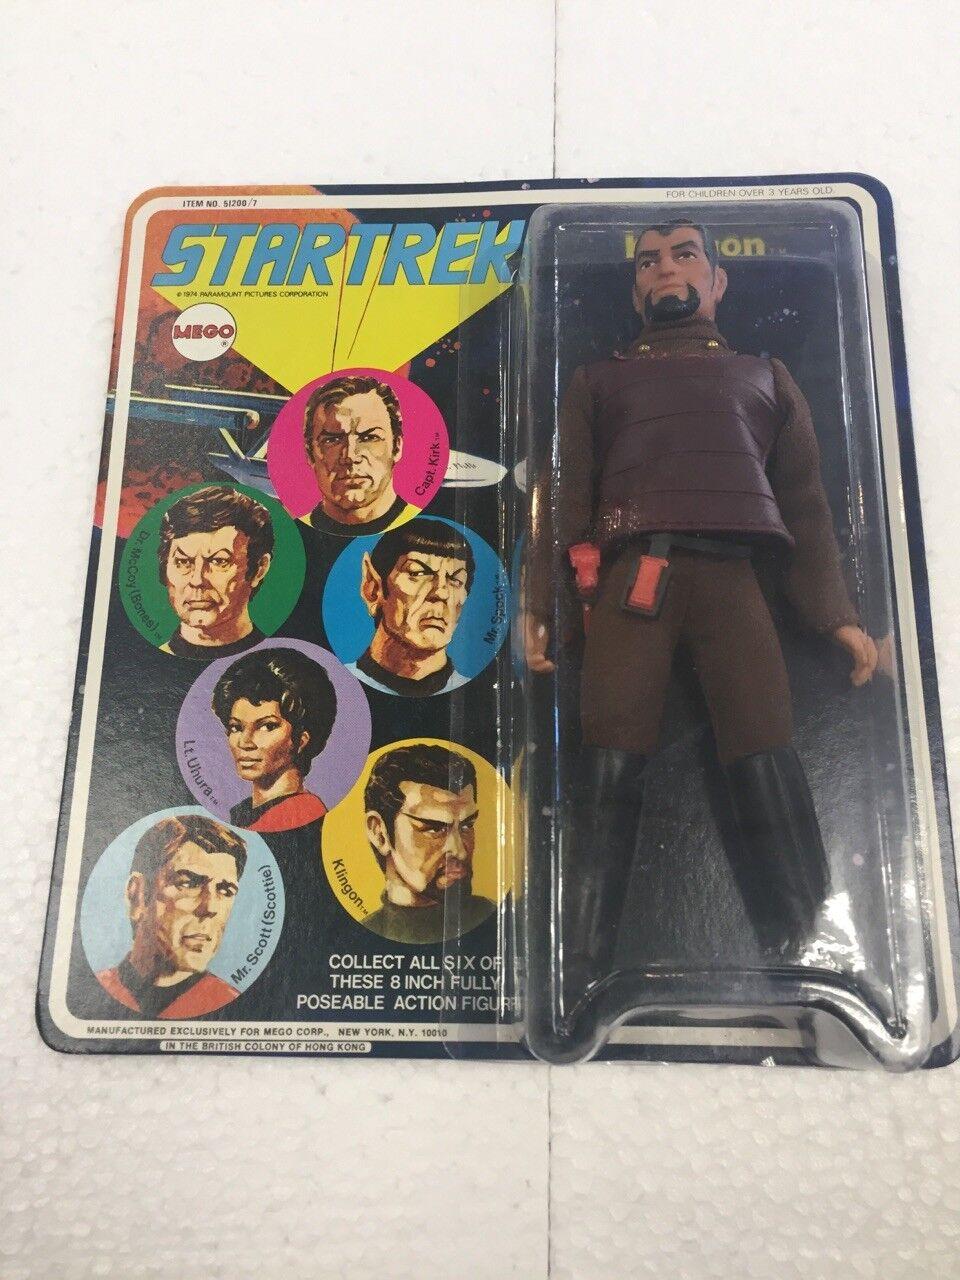 comprar ahora Estrella Trek Trek Trek Klingon 1974 Mego  60% de descuento